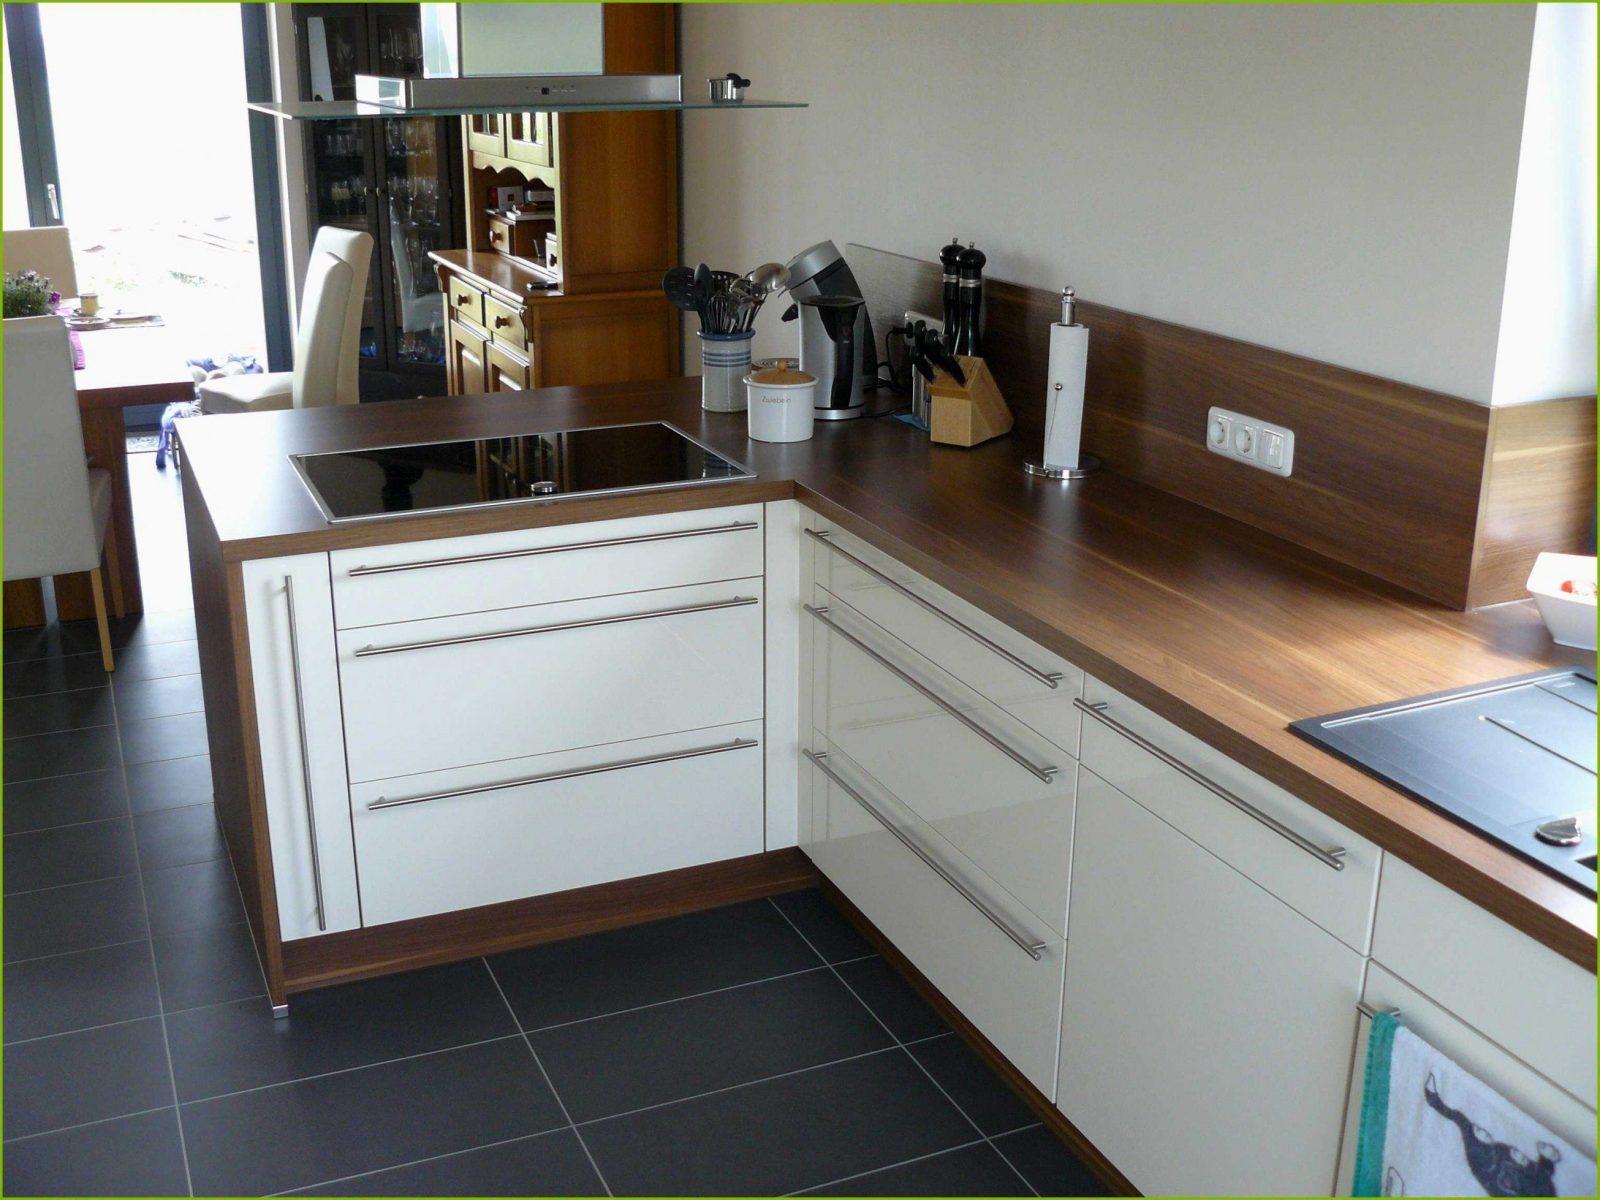 Ikea Küche Schiebetür | Küchen Hängeschrank Mit Schiebetüren ...